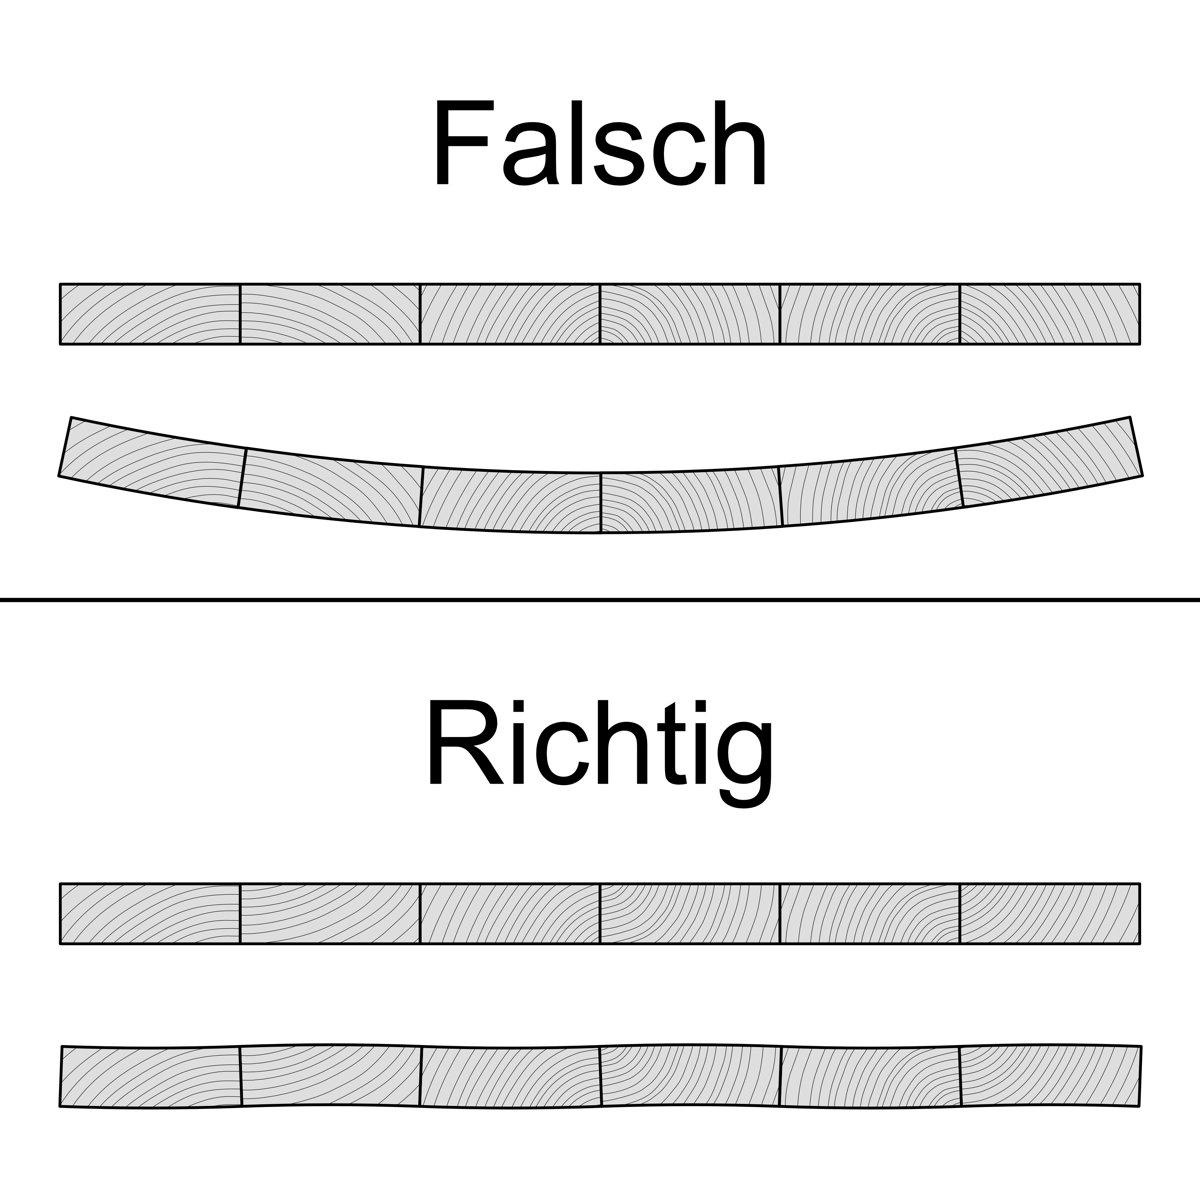 Verleimung grosser brettflächen mit abwechselnd Linker- und Rechterseite - Gegenüberstellung Falsch  und Richtig